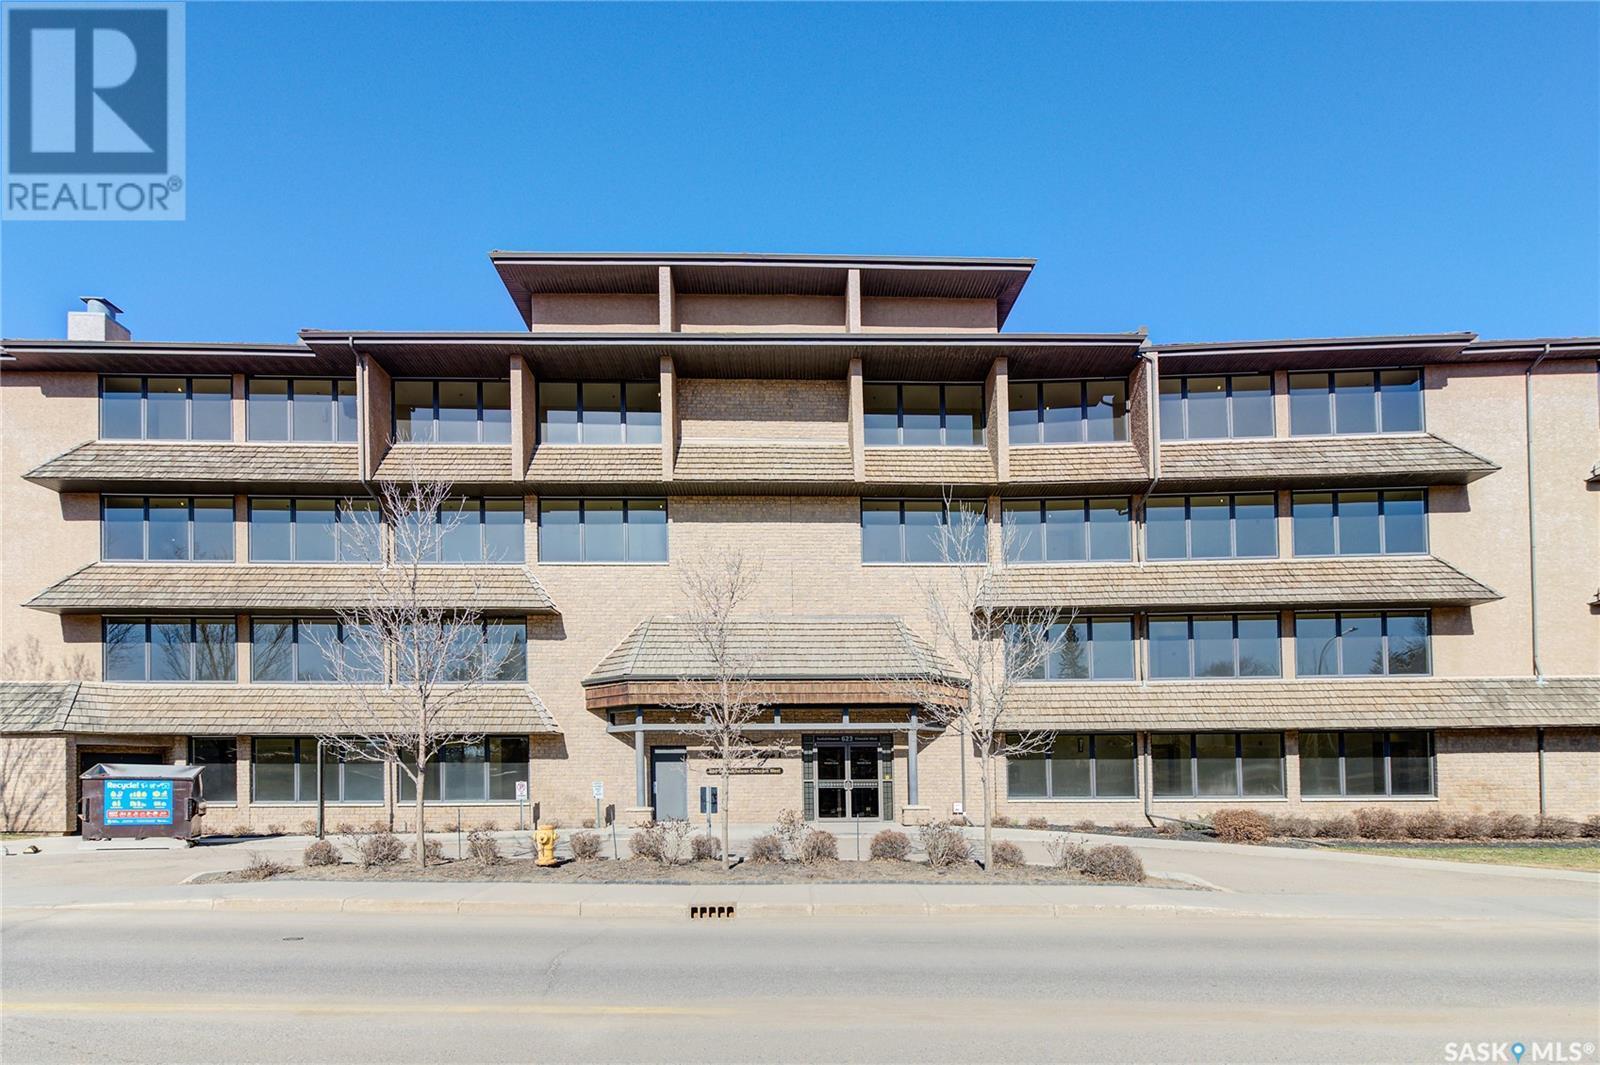 132 - 623 Saskatchewan Cres W